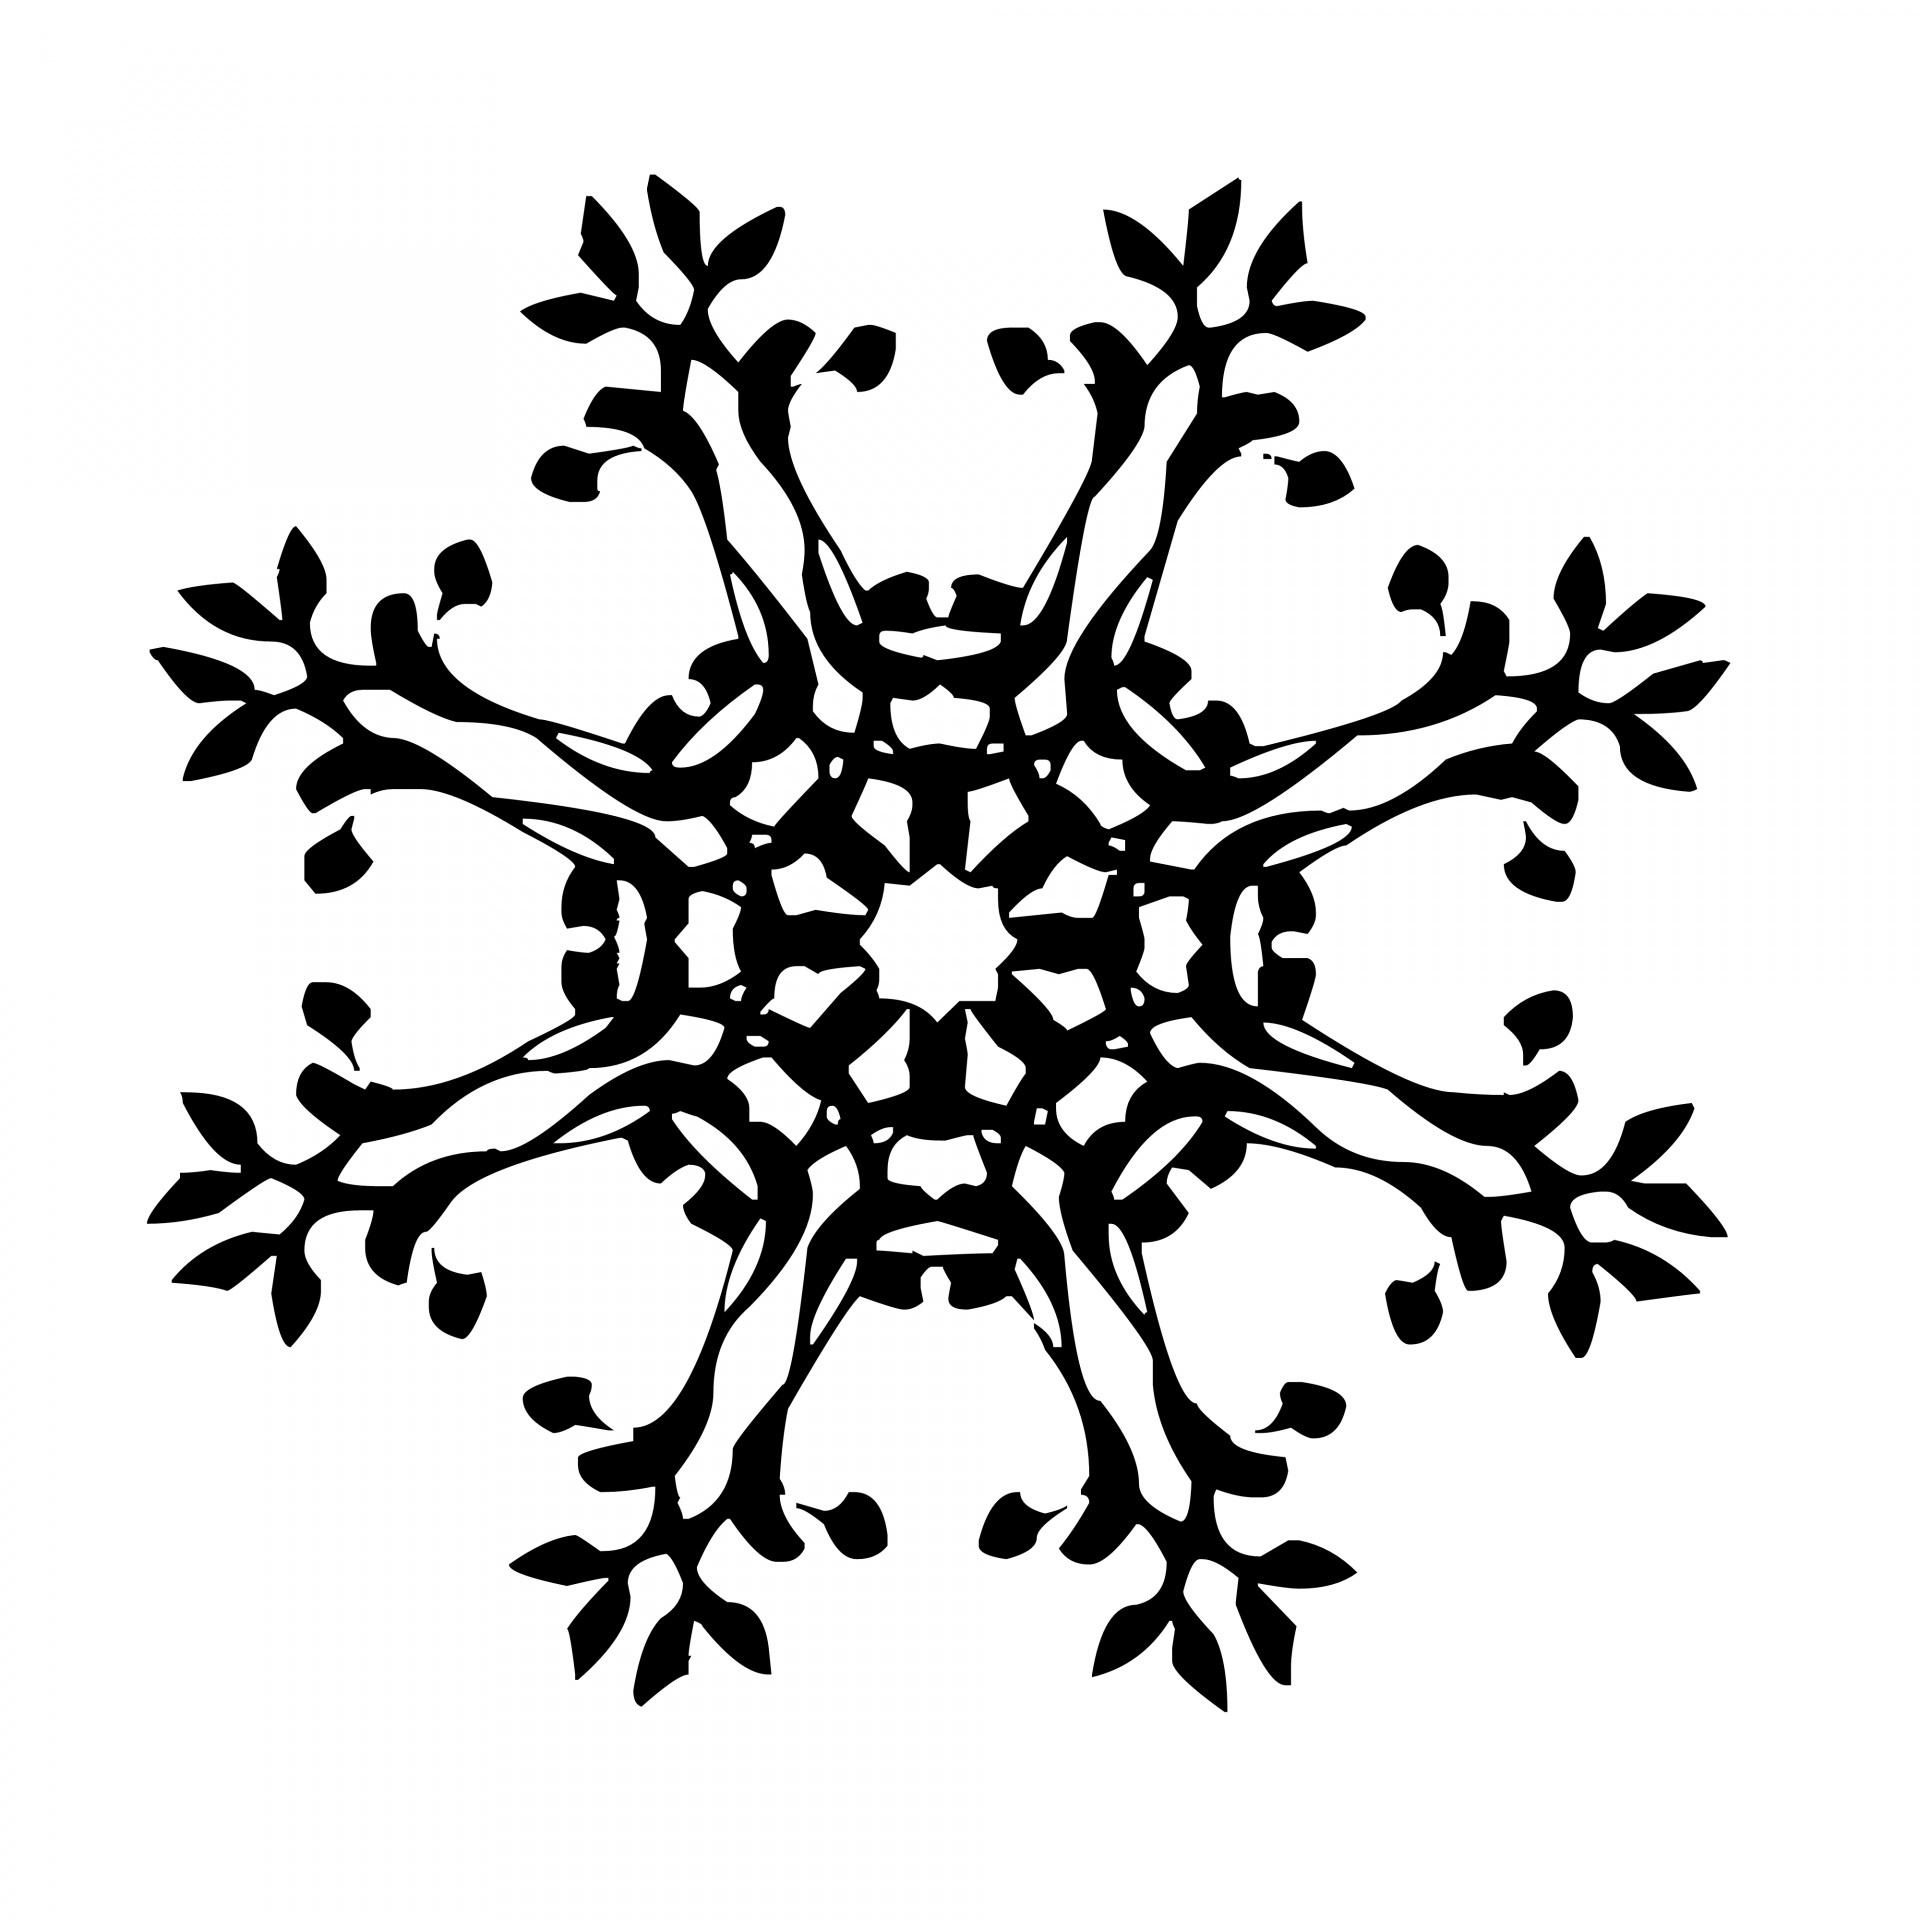 Black Snowflake Free Stock Photo